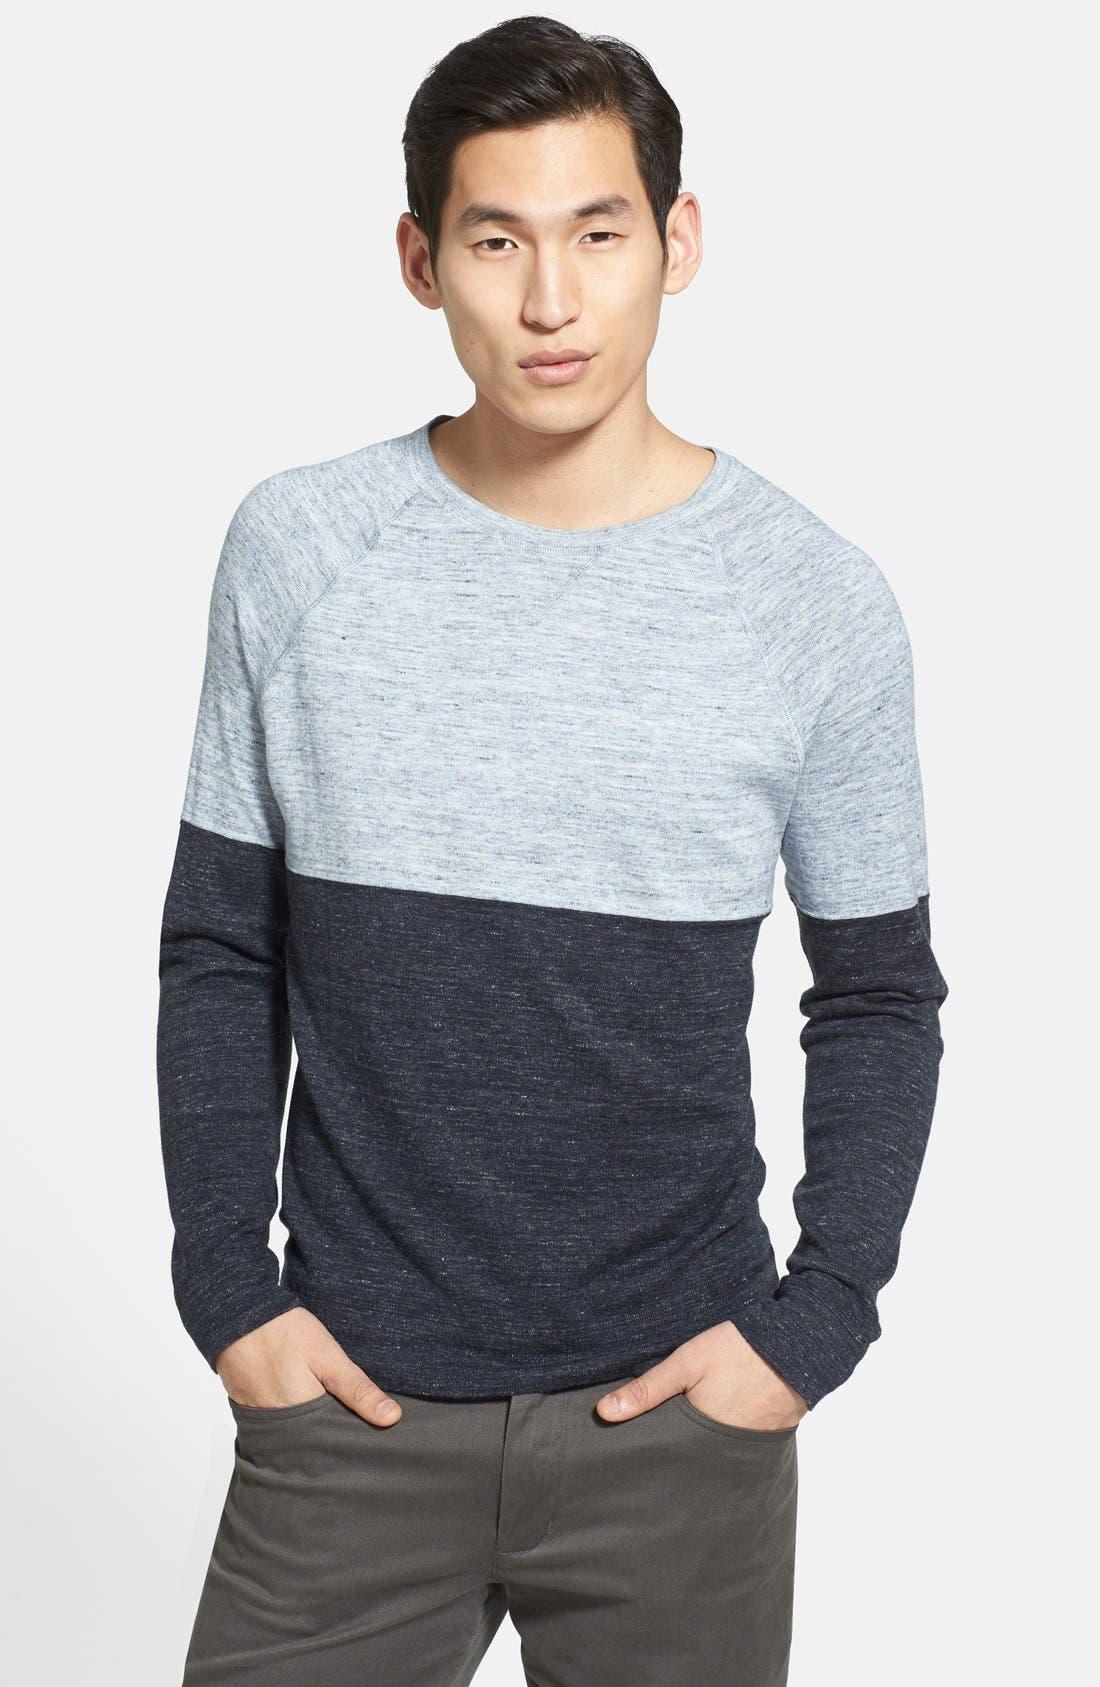 Main Image - Vince 'Breezy' Colorblock Crewneck Sweater